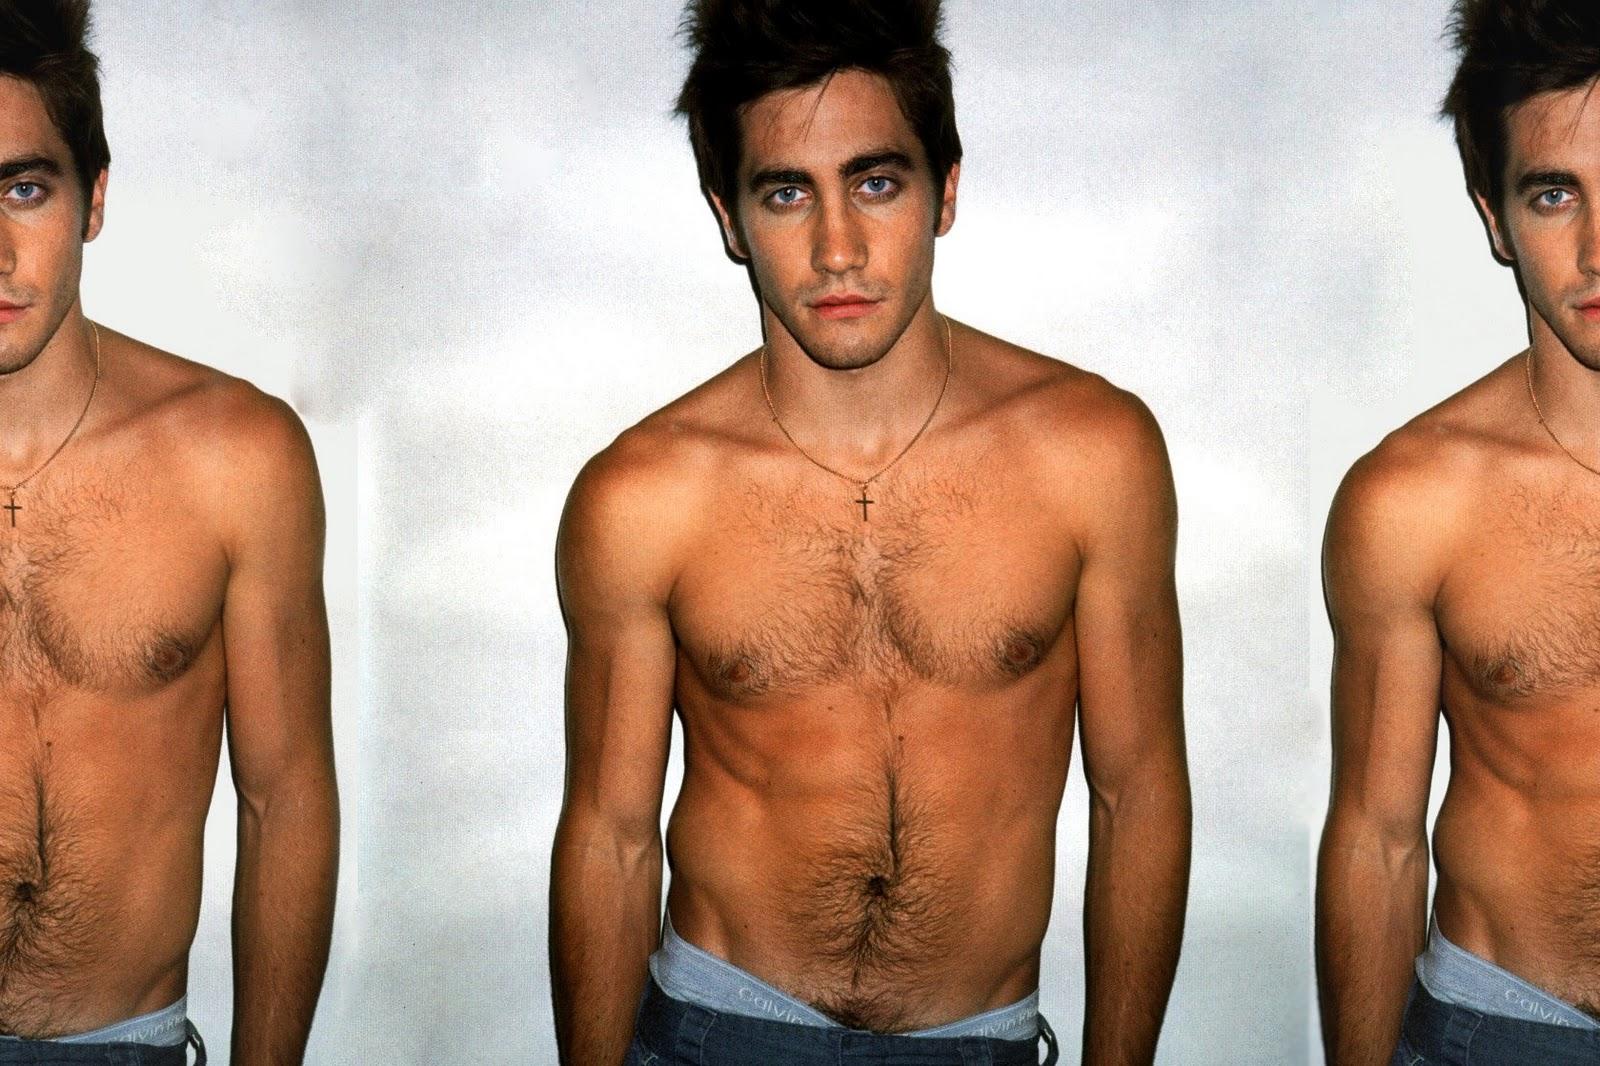 jake gyllenhaal the male celebrity